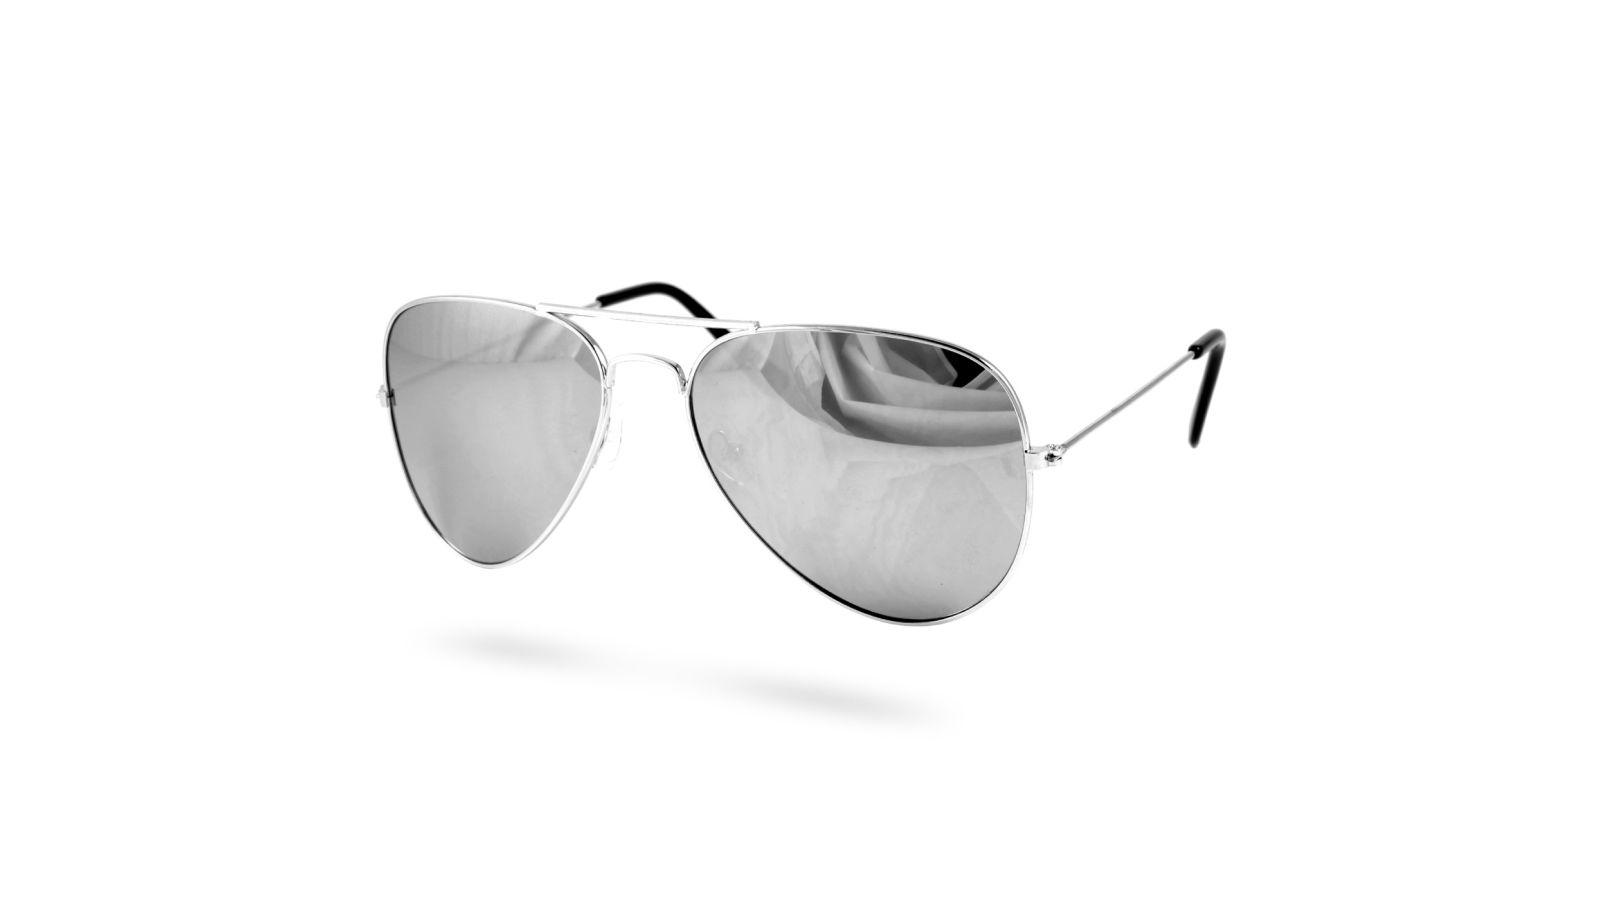 bc4c13280ab2 Sølv Aviator Solbriller